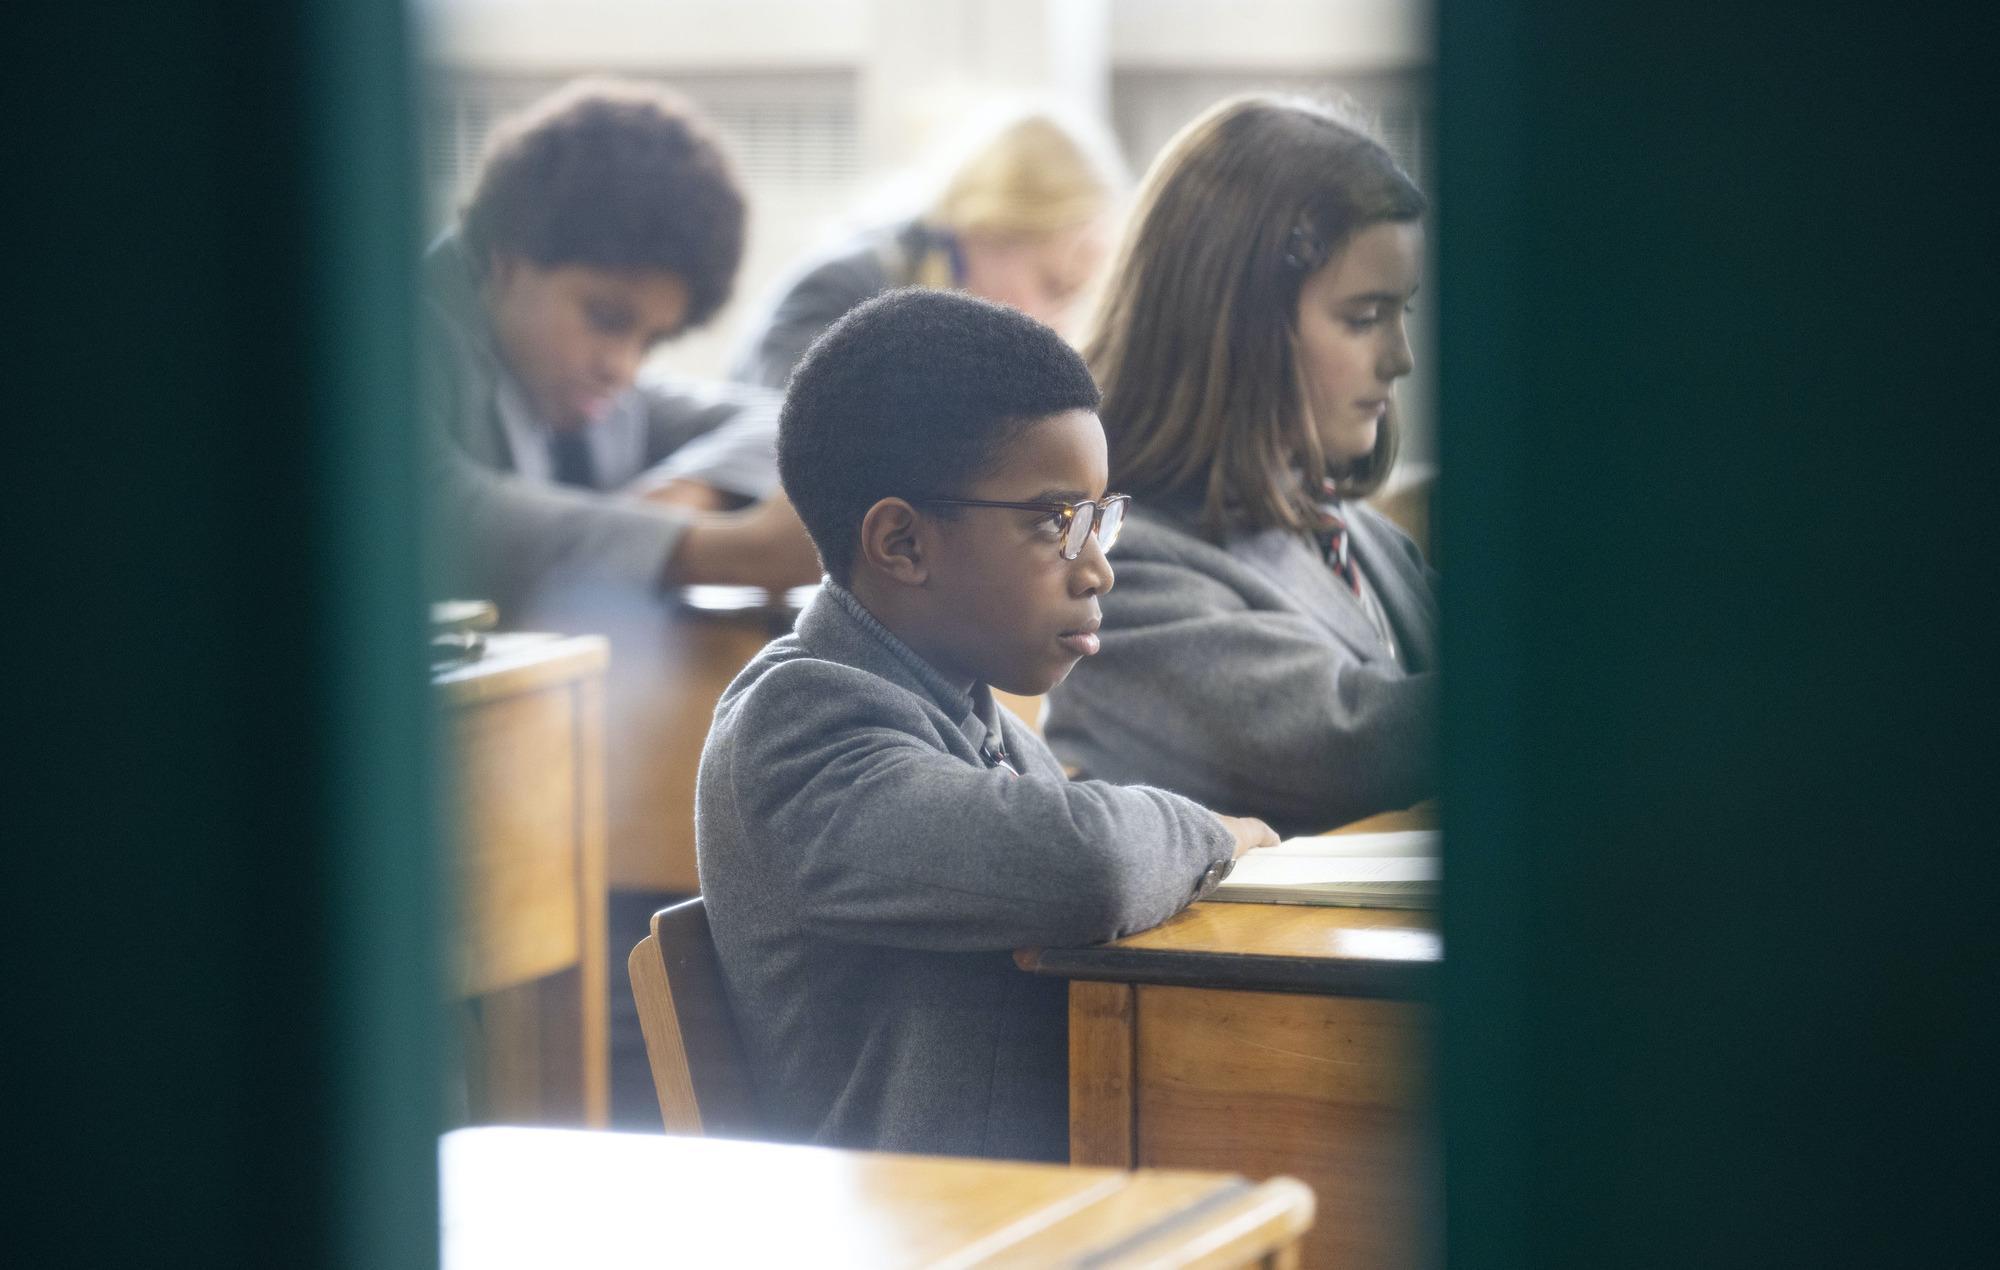 Kingsley (Kenyah Sandy) in class in Education, the finale of Steve McQueen's Small Axe